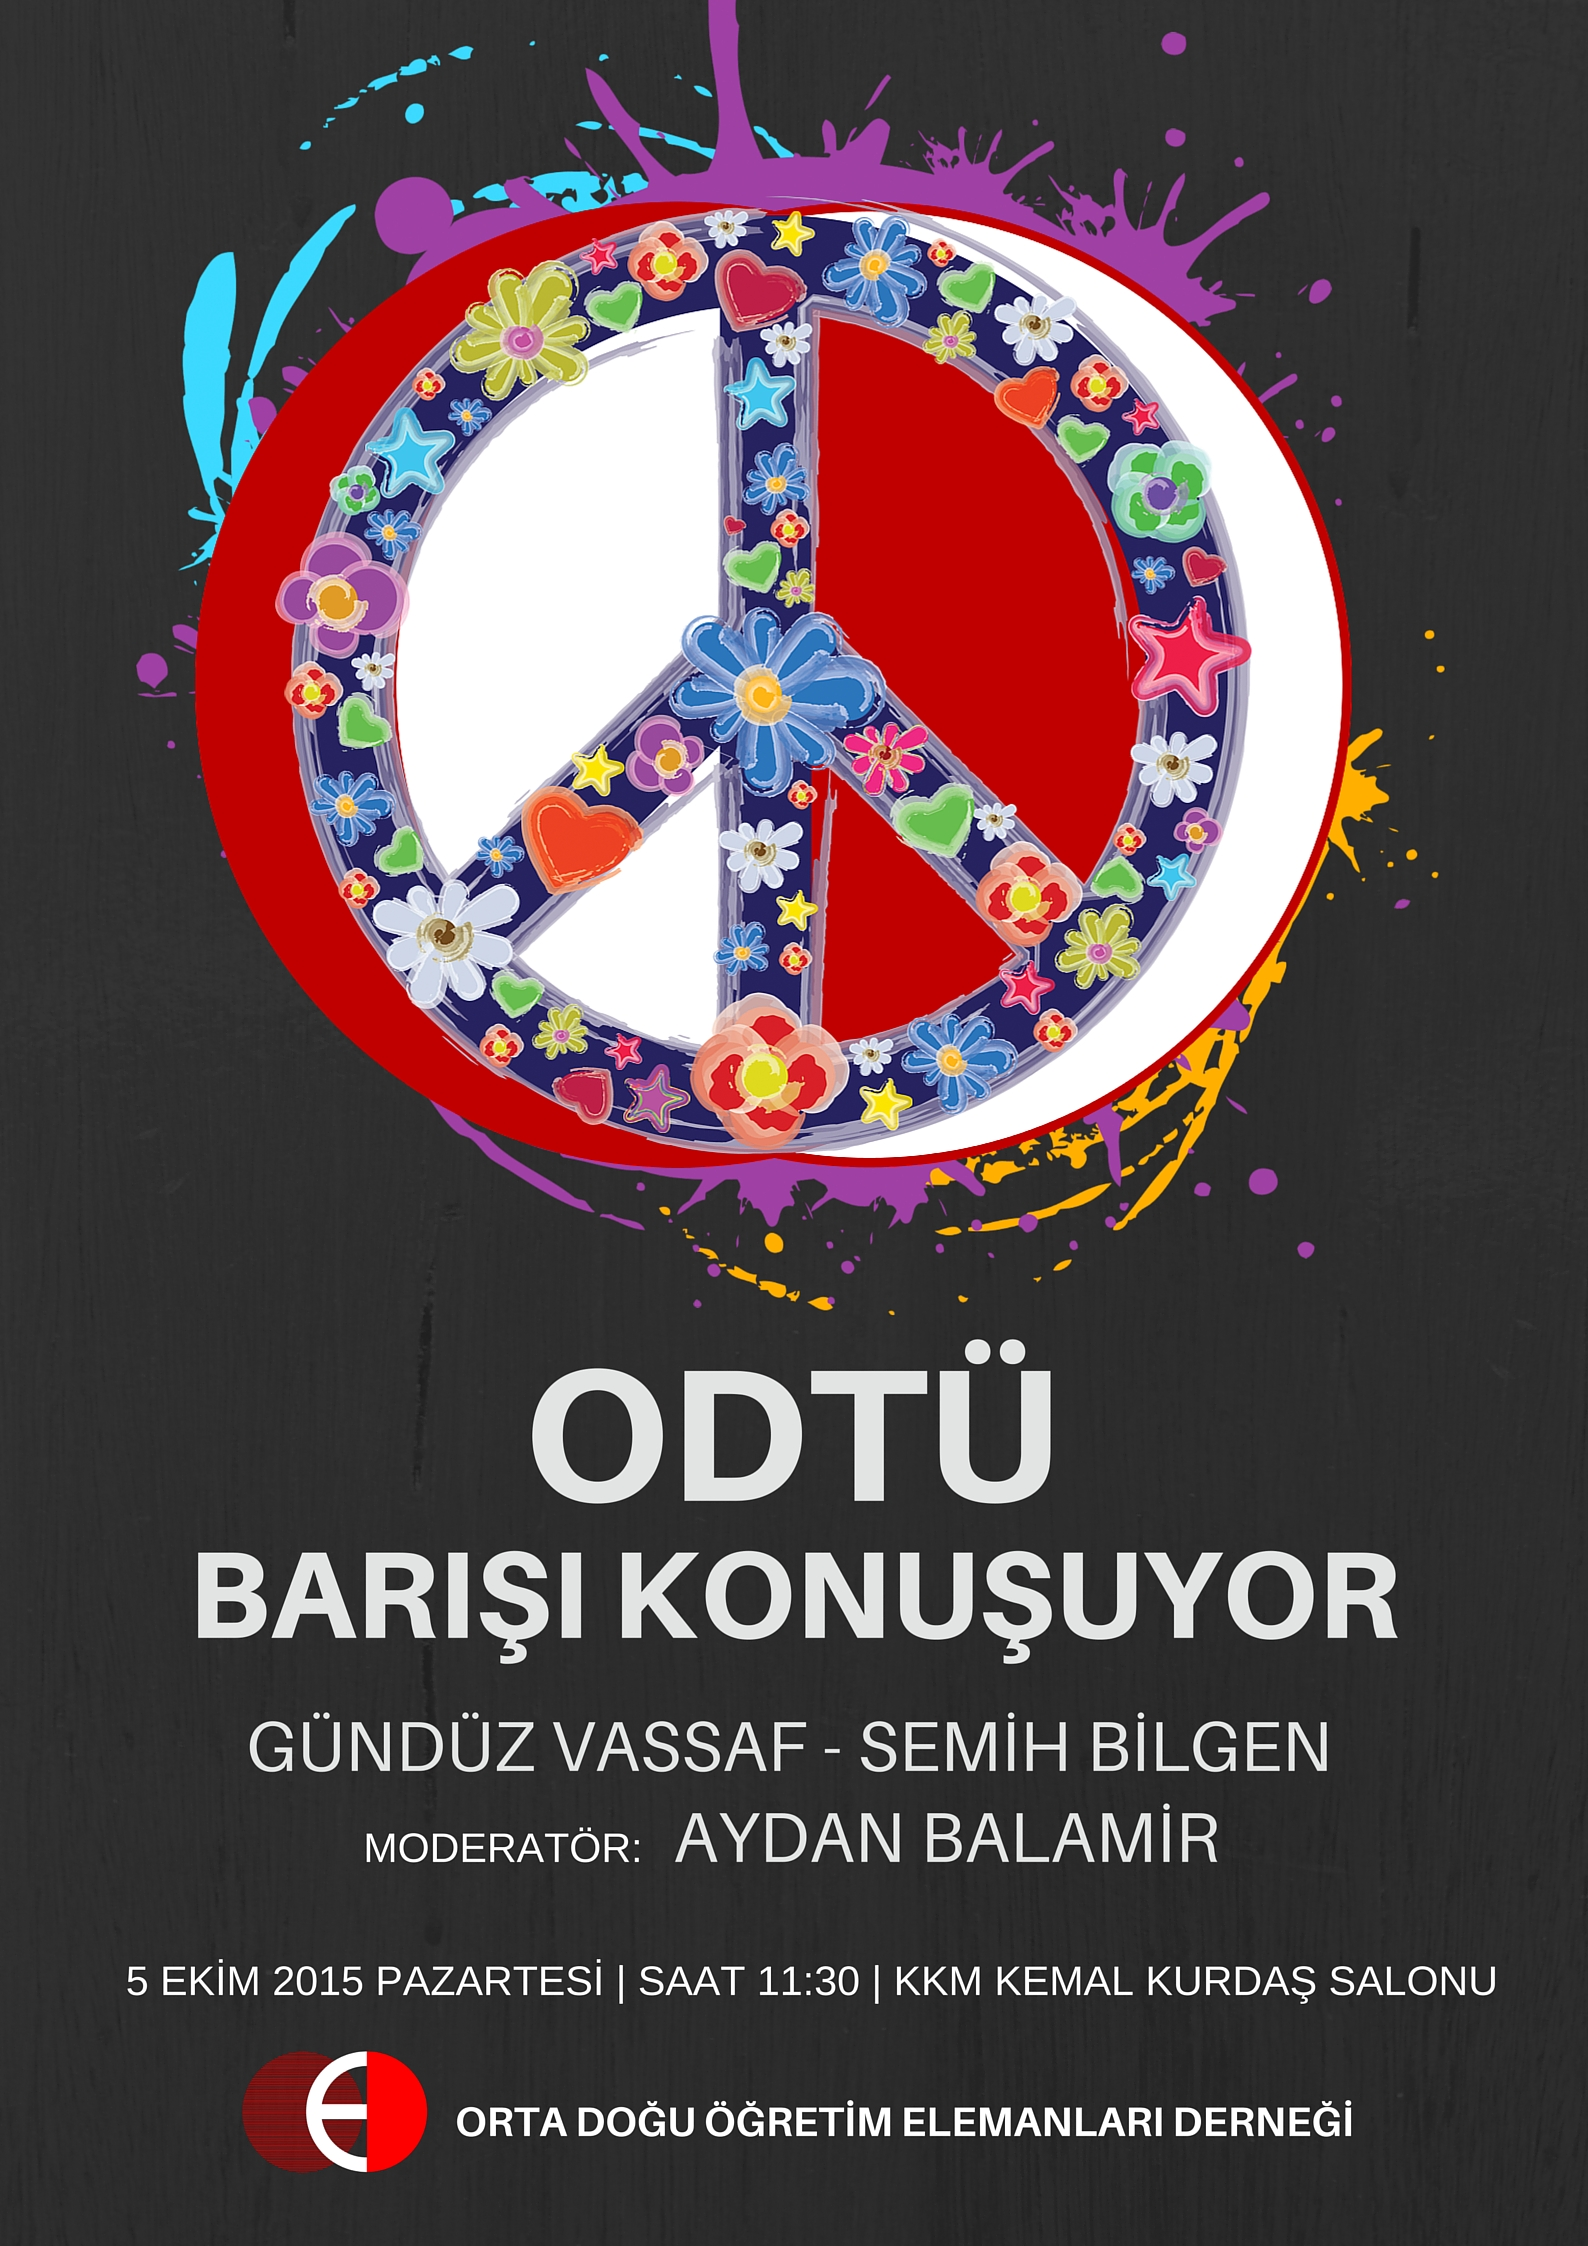 ODTU-PEACE